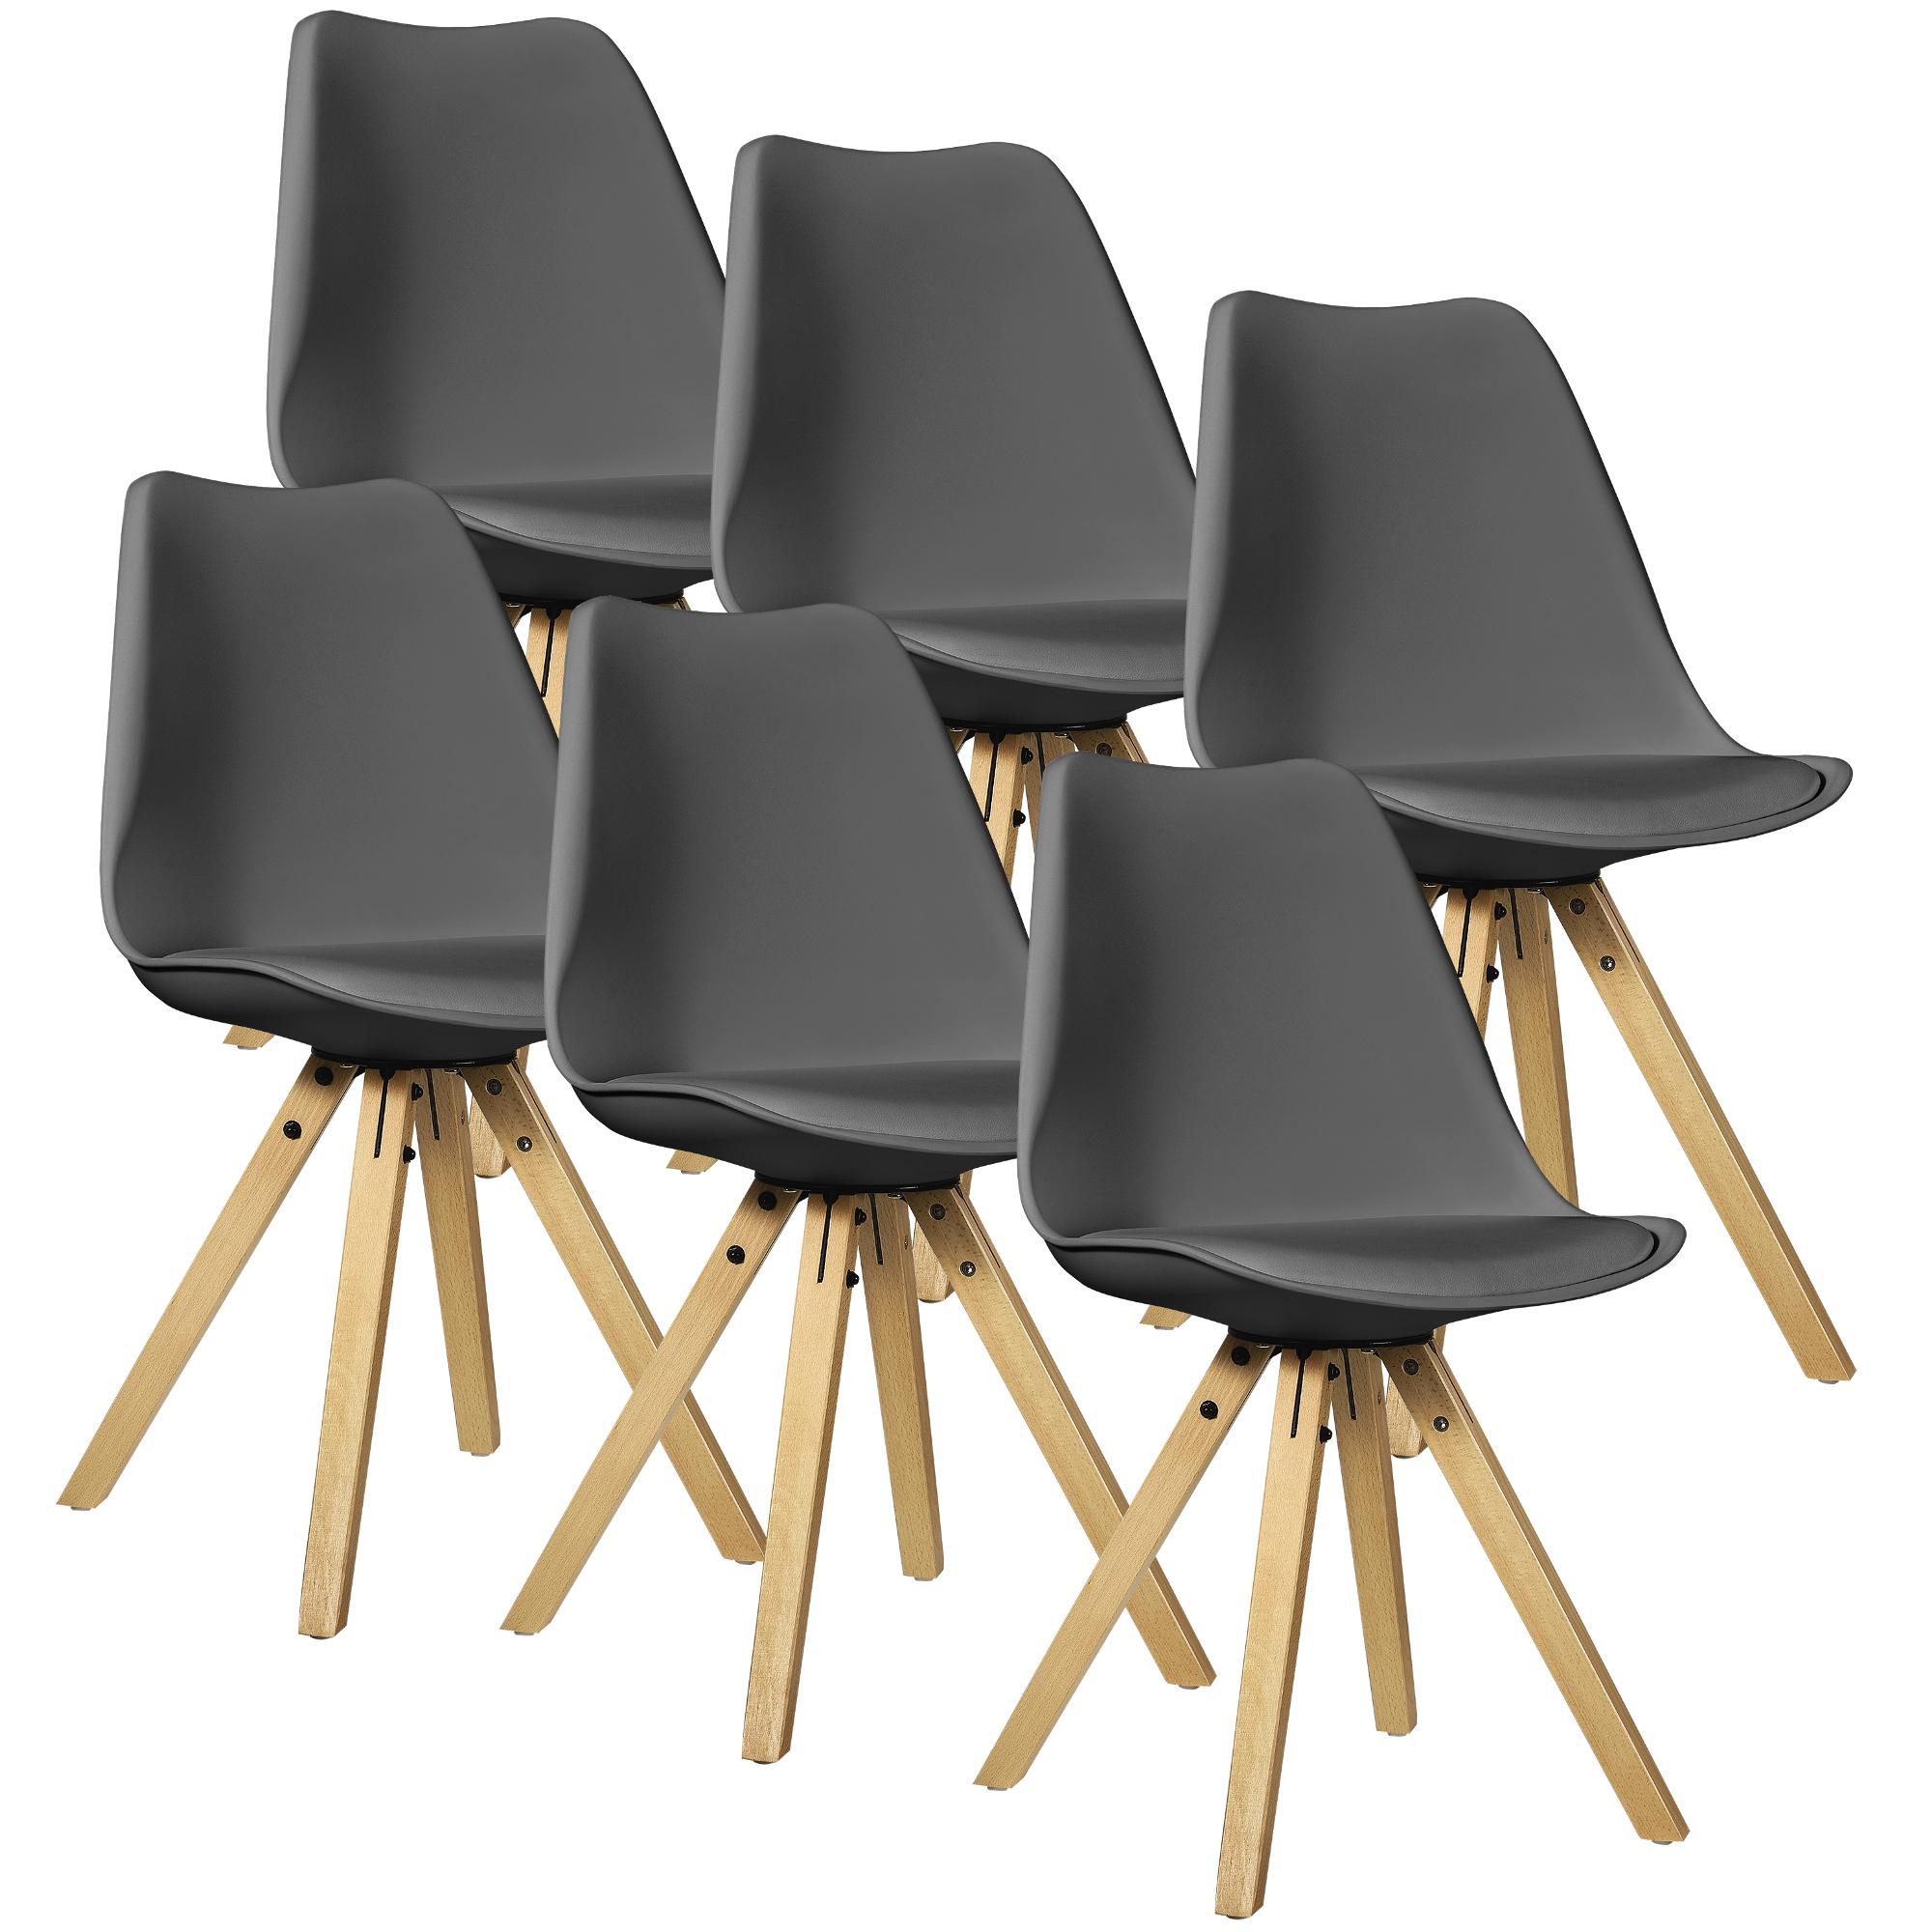 en.casa] 6x design stühle esszimmer grau stuhl holz plastik kunst, Wohnzimmer dekoo